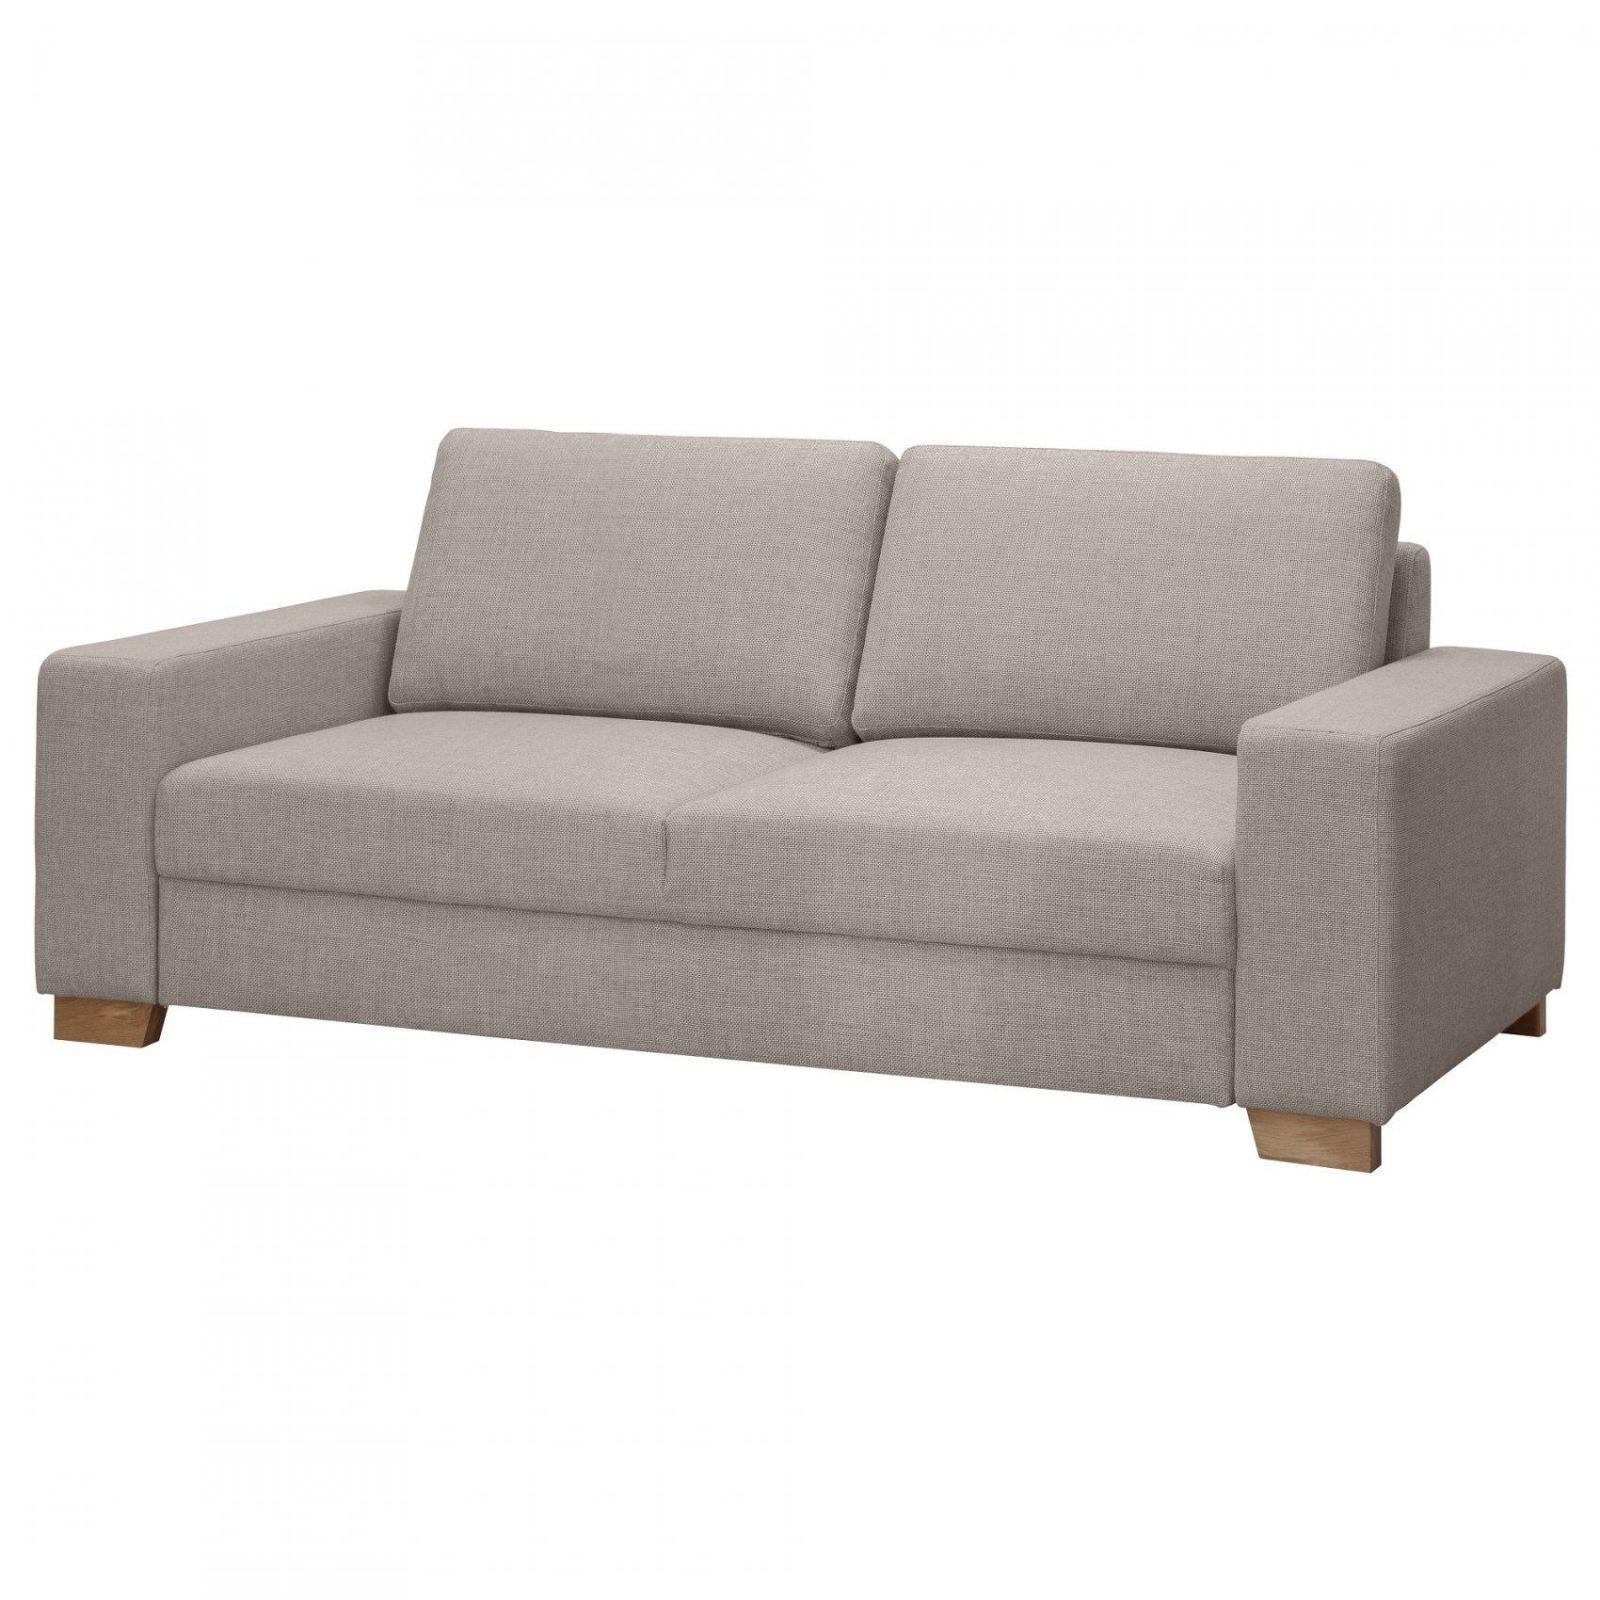 Atemberaubend Kleine Couch Jugendzimmer 0409070 Pe570301 S5 27307 von Kleine Couch Für Jugendzimmer Bild